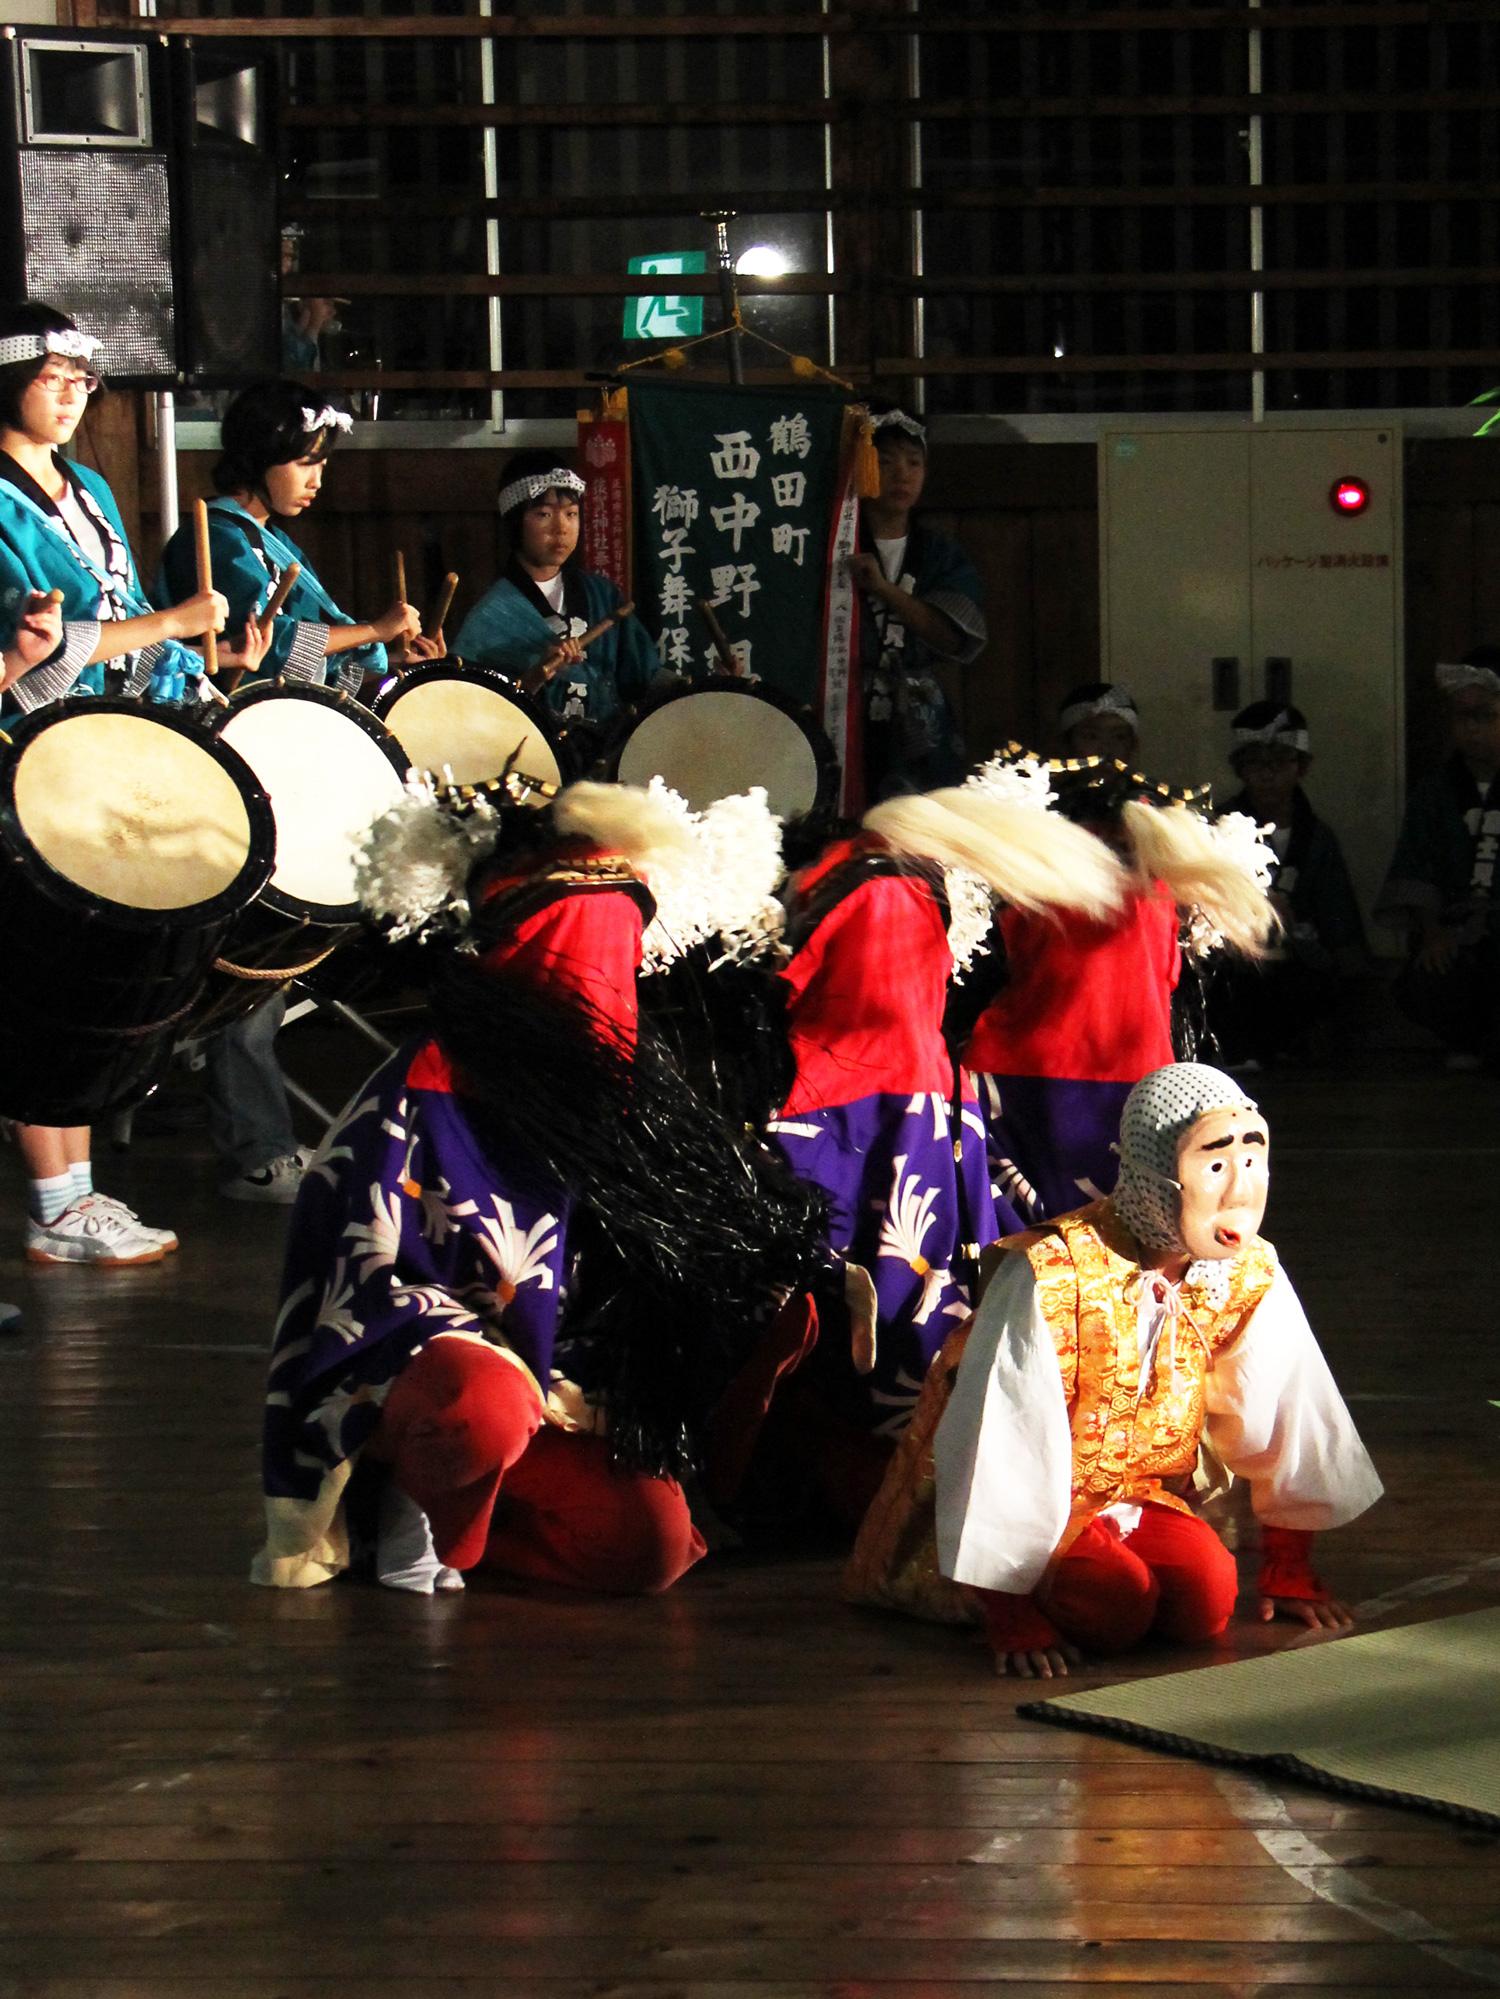 披露宴やお祝いの席、イベントなどで披露されている獅子舞。